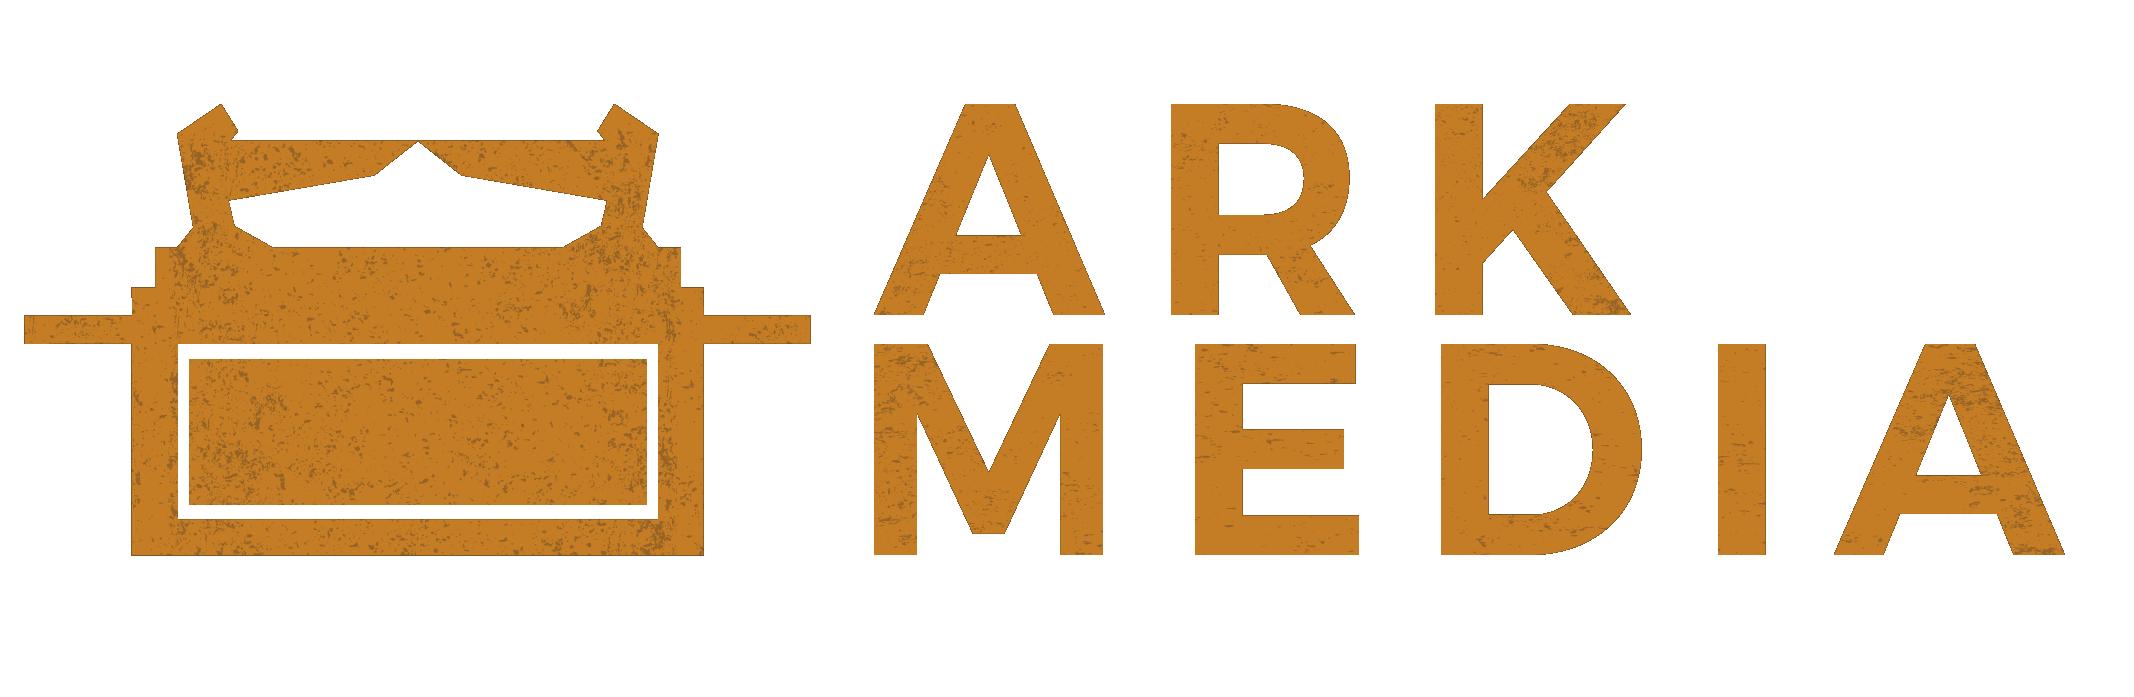 Digital Marketing Company | Ark Media